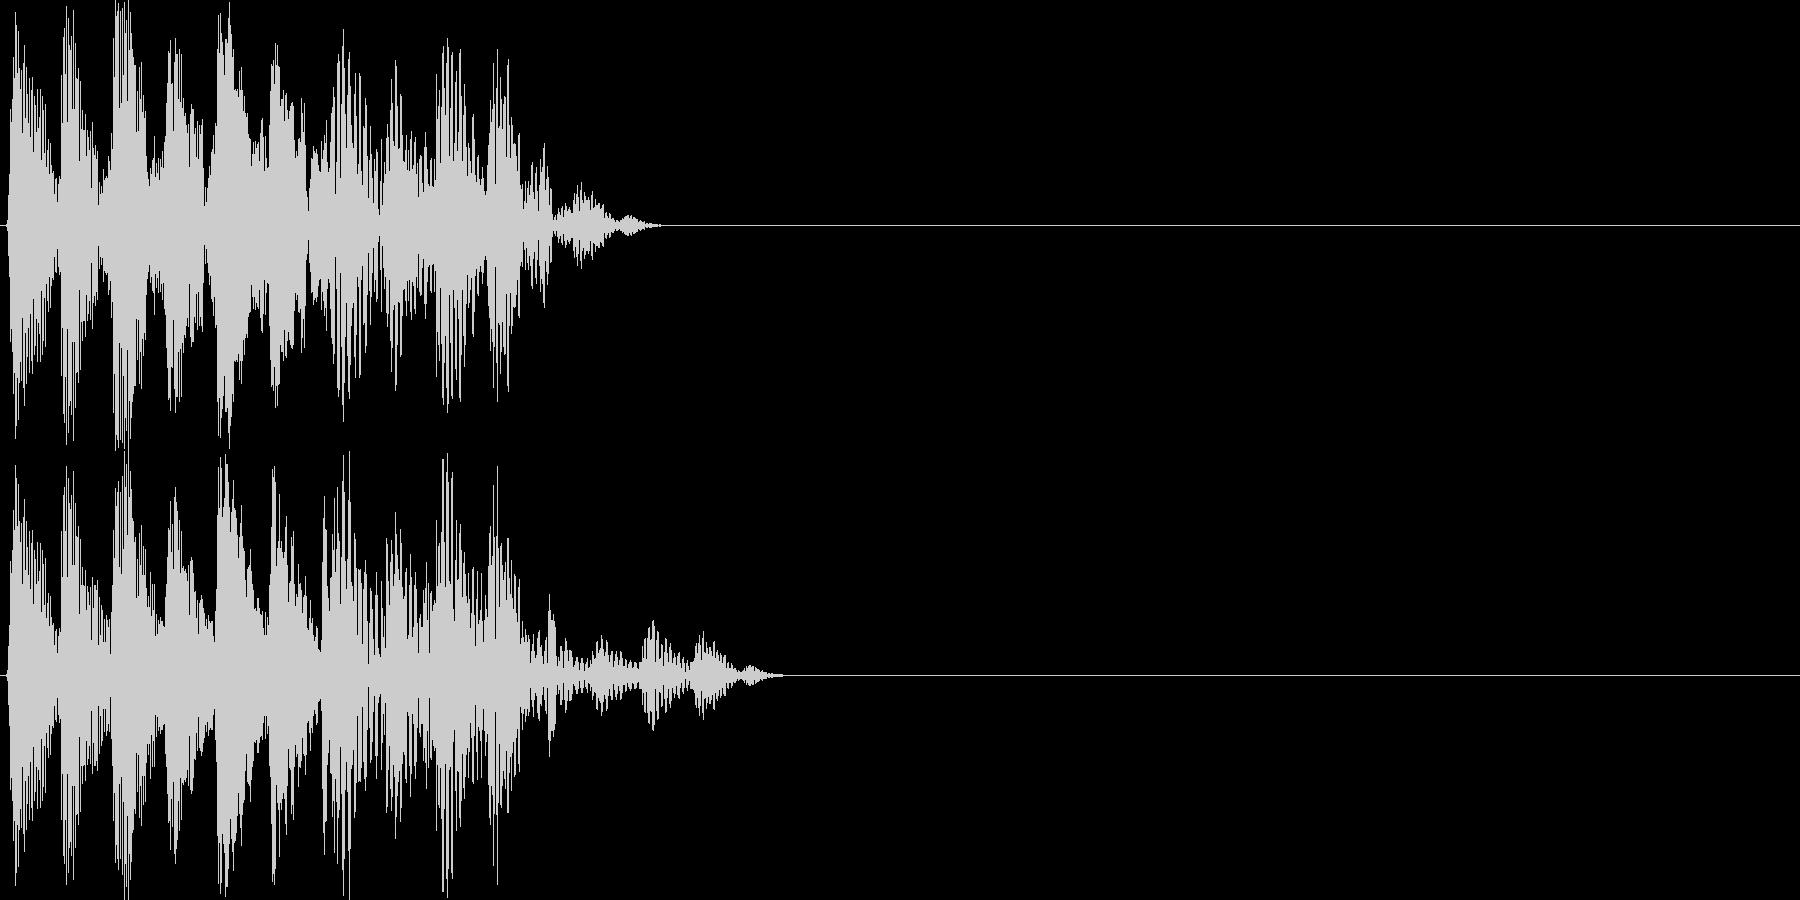 【ポコッ】ファミコン系 敵を倒す音_03の未再生の波形